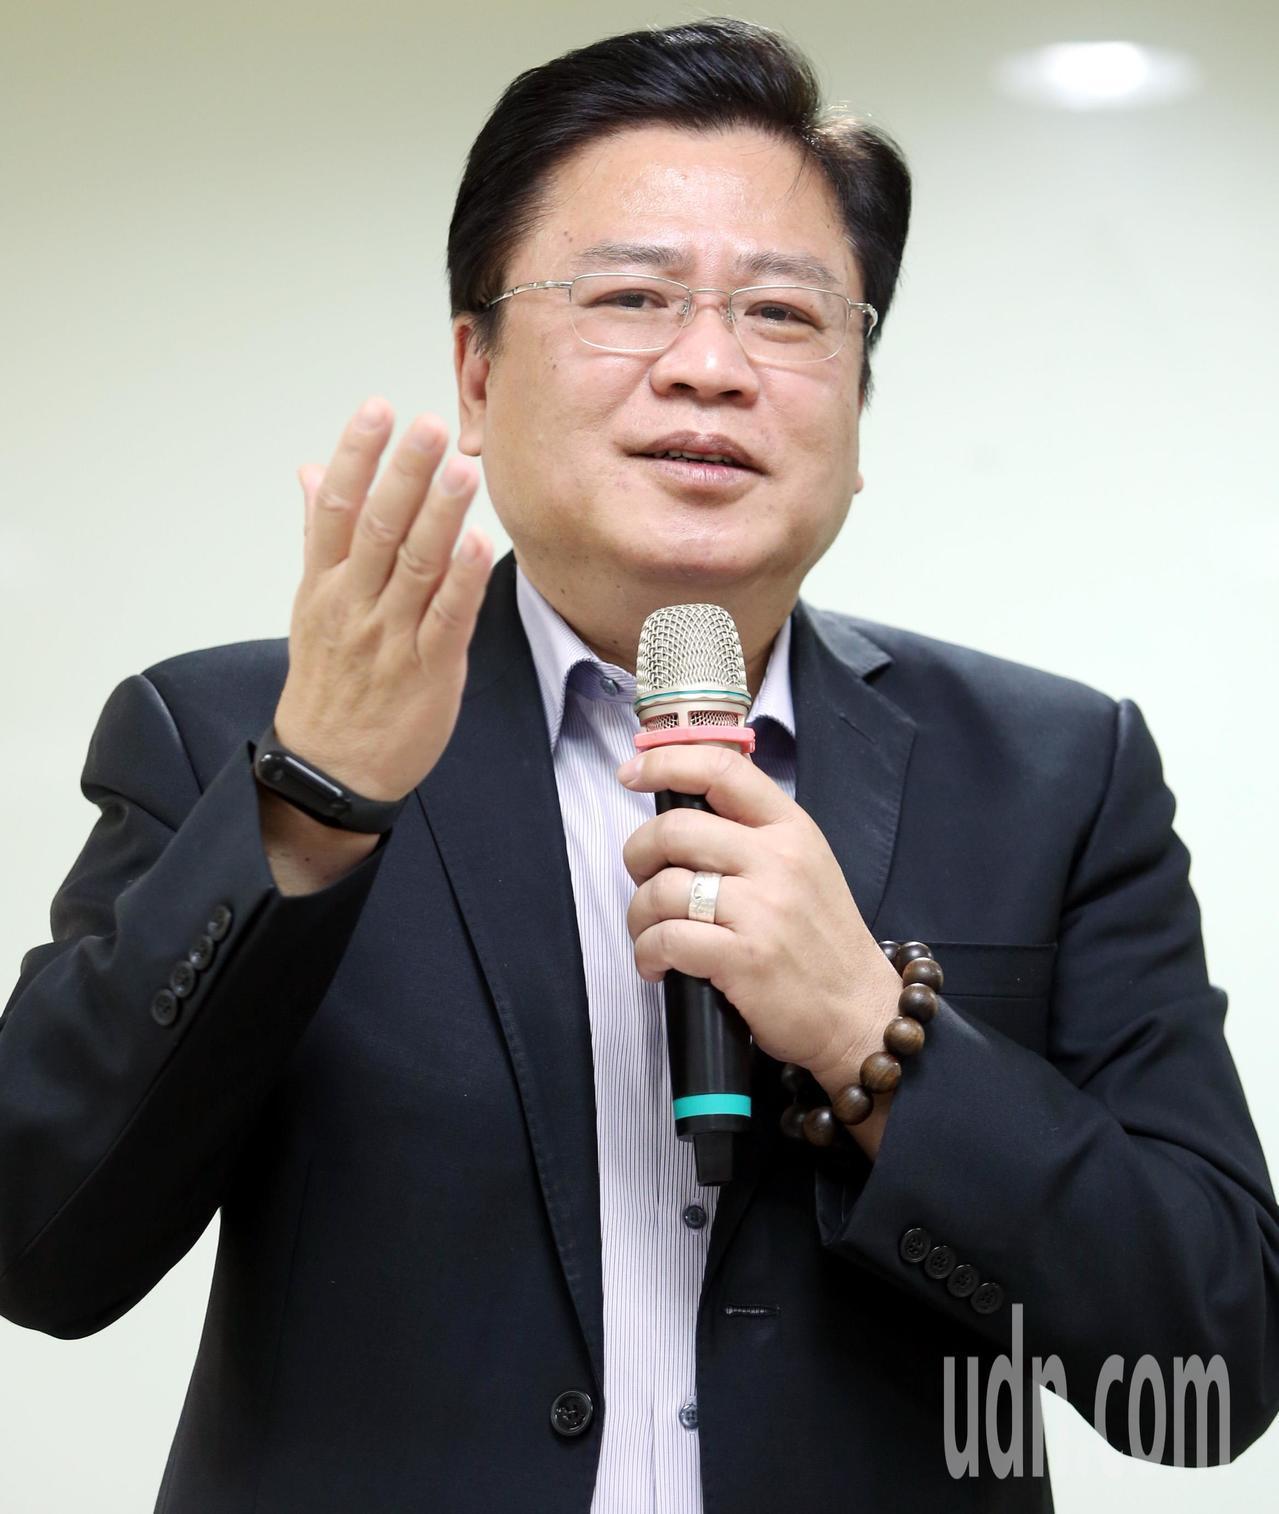 商總副理事長許舒博痛批政府調漲基本工資,是製造勞資雙方對立,也會帶動物價上漲,讓...